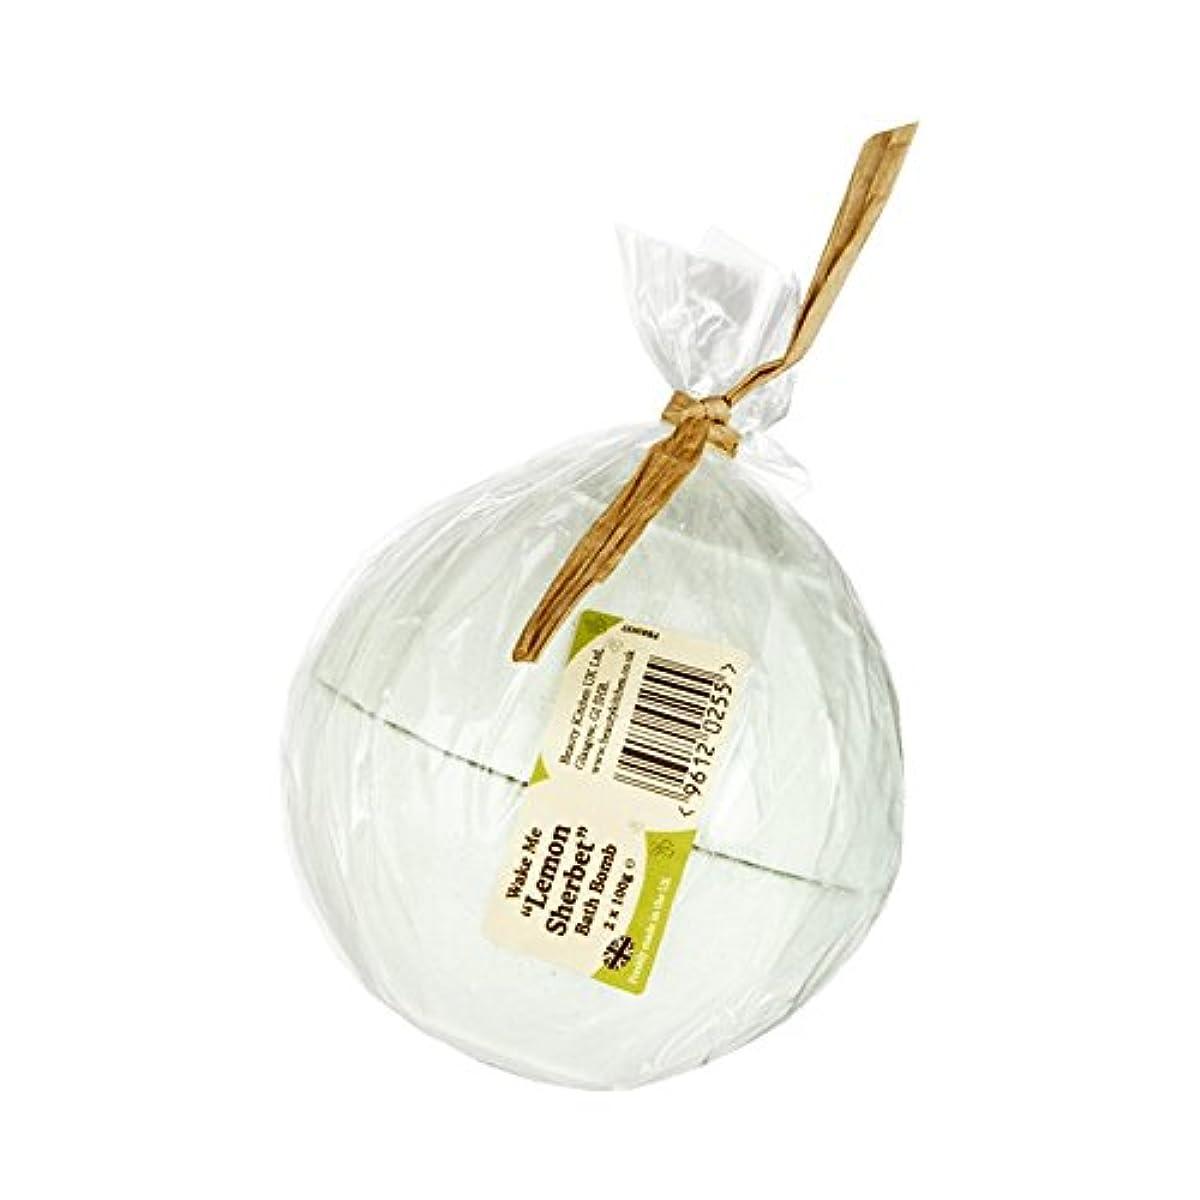 デコラティブ目指す同情Beauty Kitchen Wake Me Lemon Sherbet Bath Bomb 2 x 100g (Pack of 2) - 美しさのキッチンは私にレモンシャーベットバス爆弾2×100グラムを覚まします (x2) [並行輸入品]